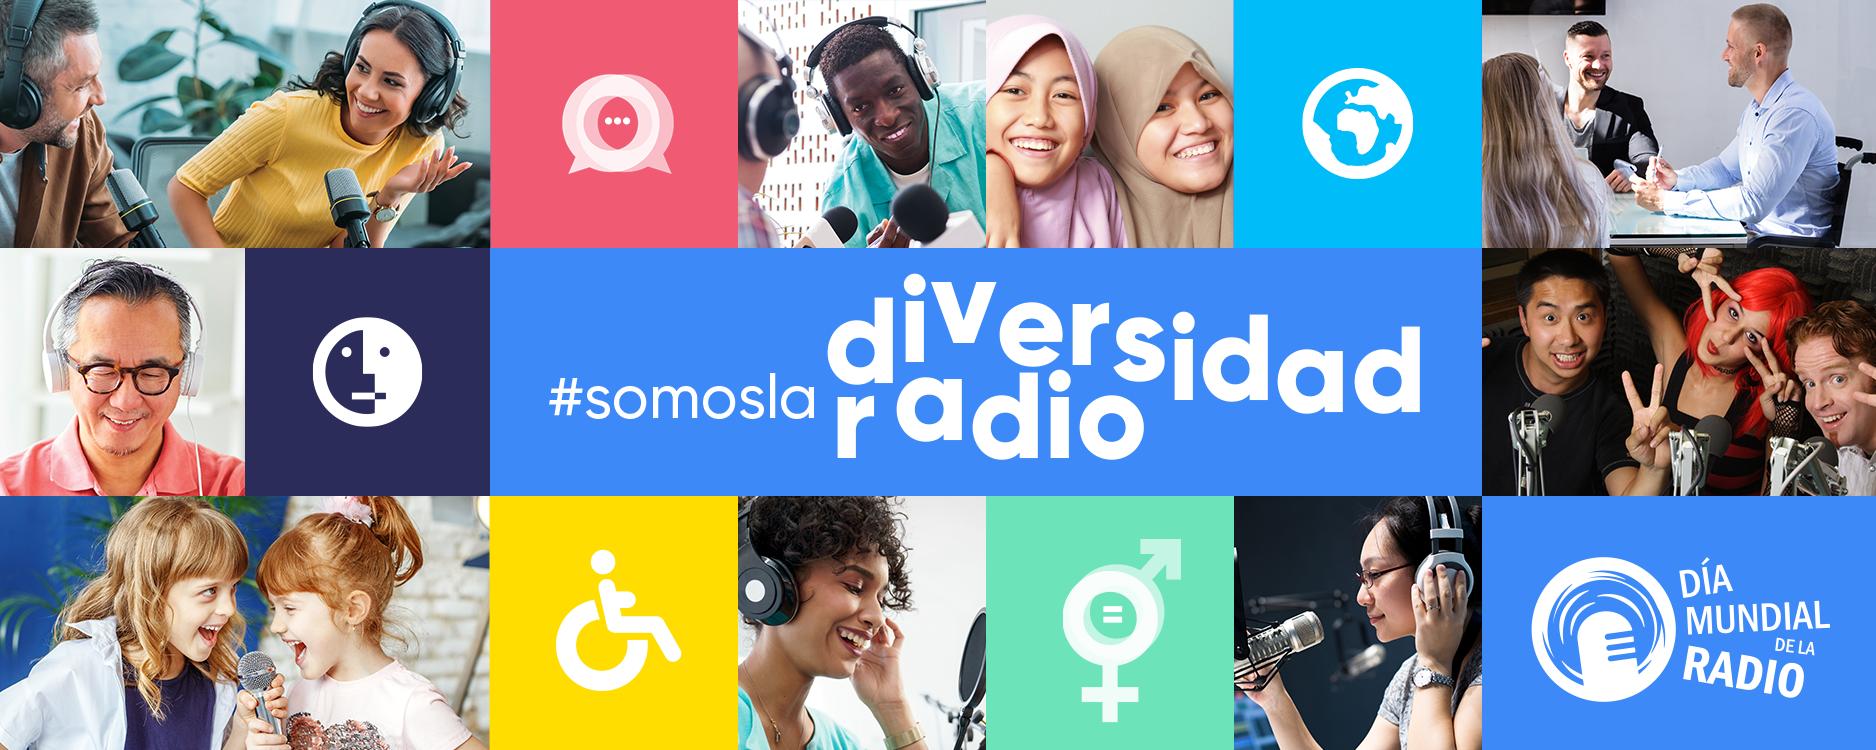 HOY DÍA MUNDIAL DE LA RADIO 2020, CELEBRAMOS SU DIVERSIDAD Y PLURALISMO.